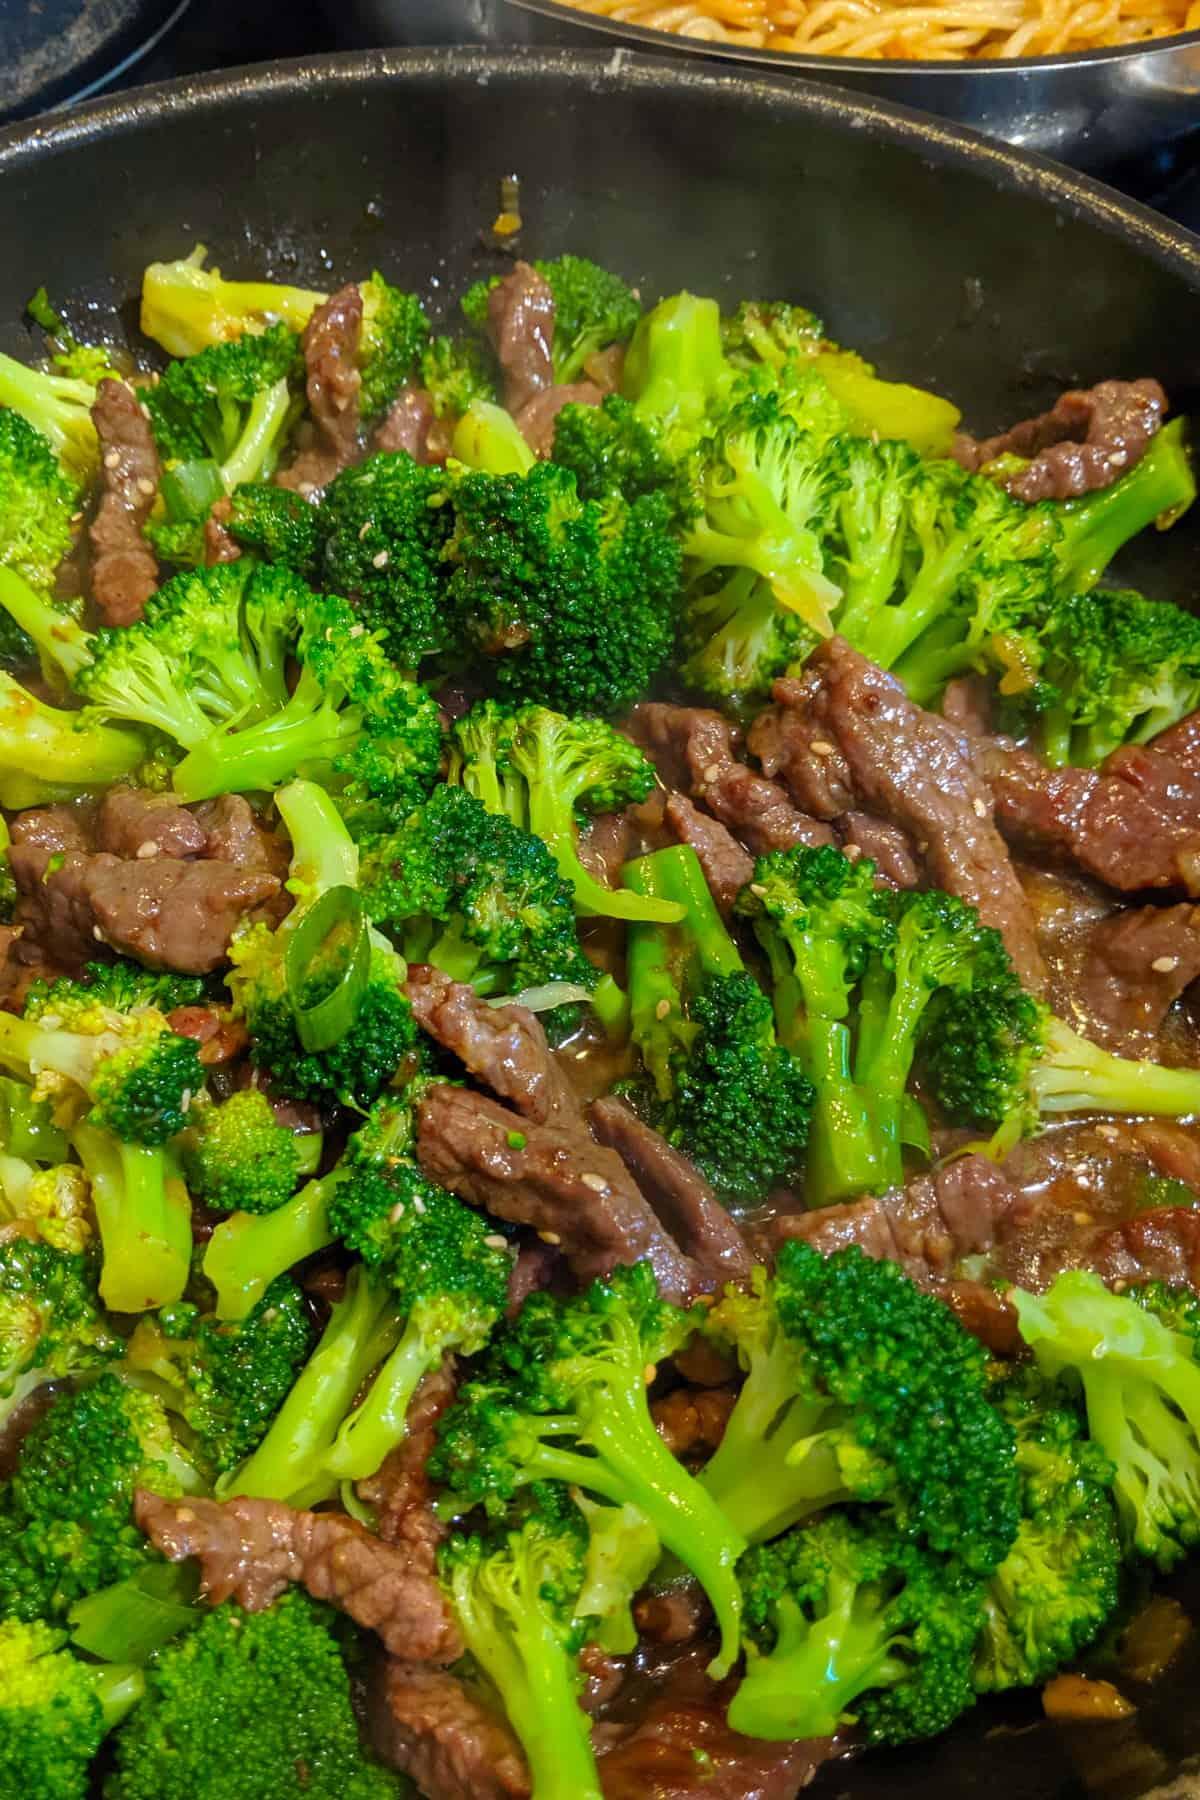 Eine Pfanne mit Beef and Broccoli.